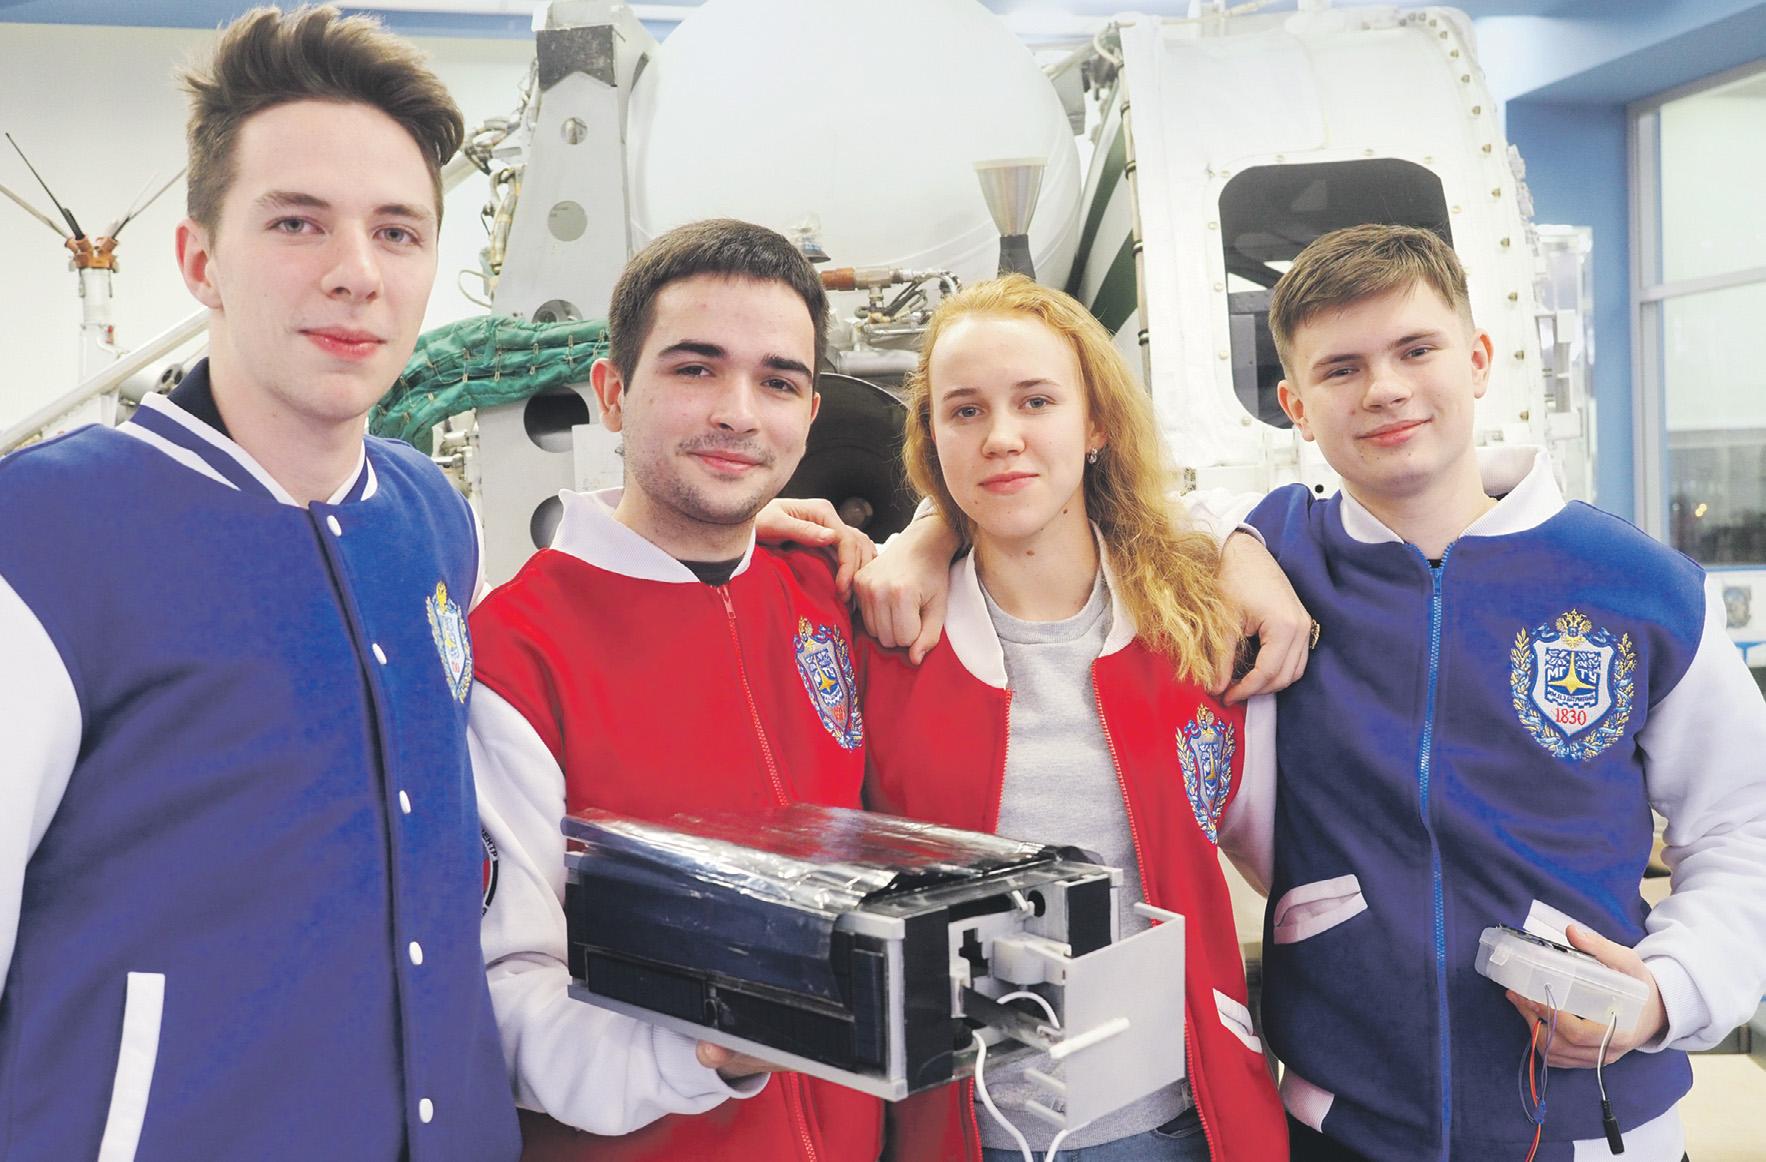 Ракетный укол. Молодые ученые составят конкуренцию Илону Маску